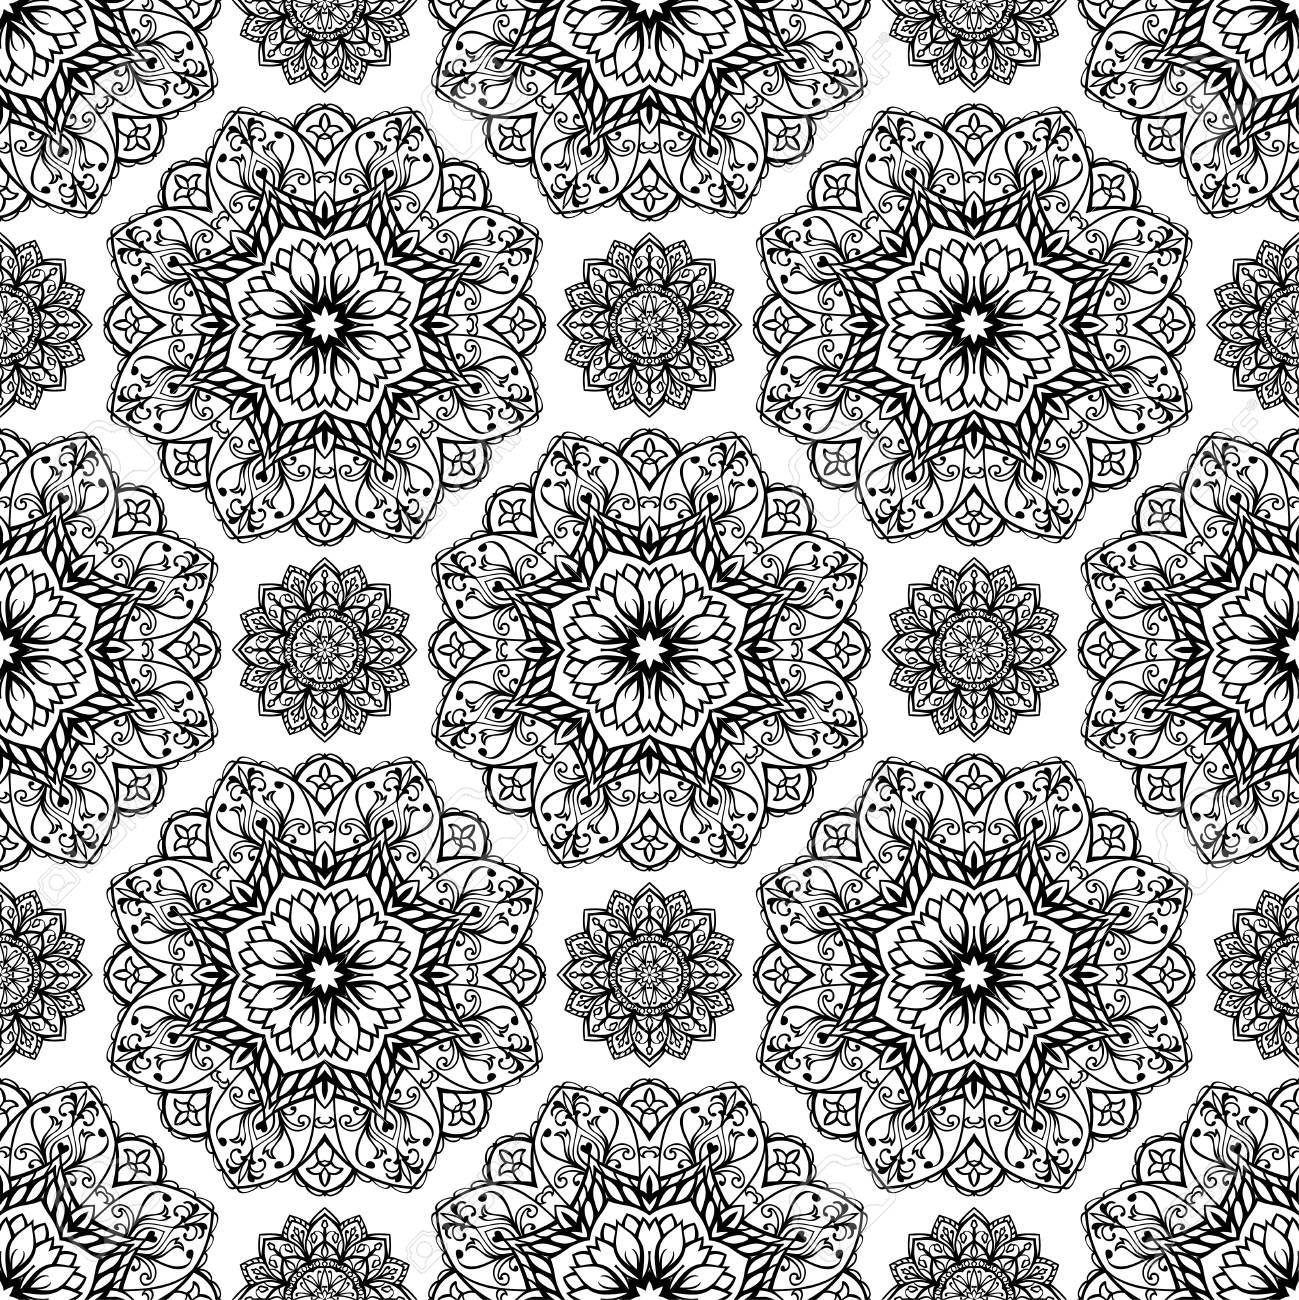 nahtlose, orientalisch, grafischen muster von mandalas auf einem